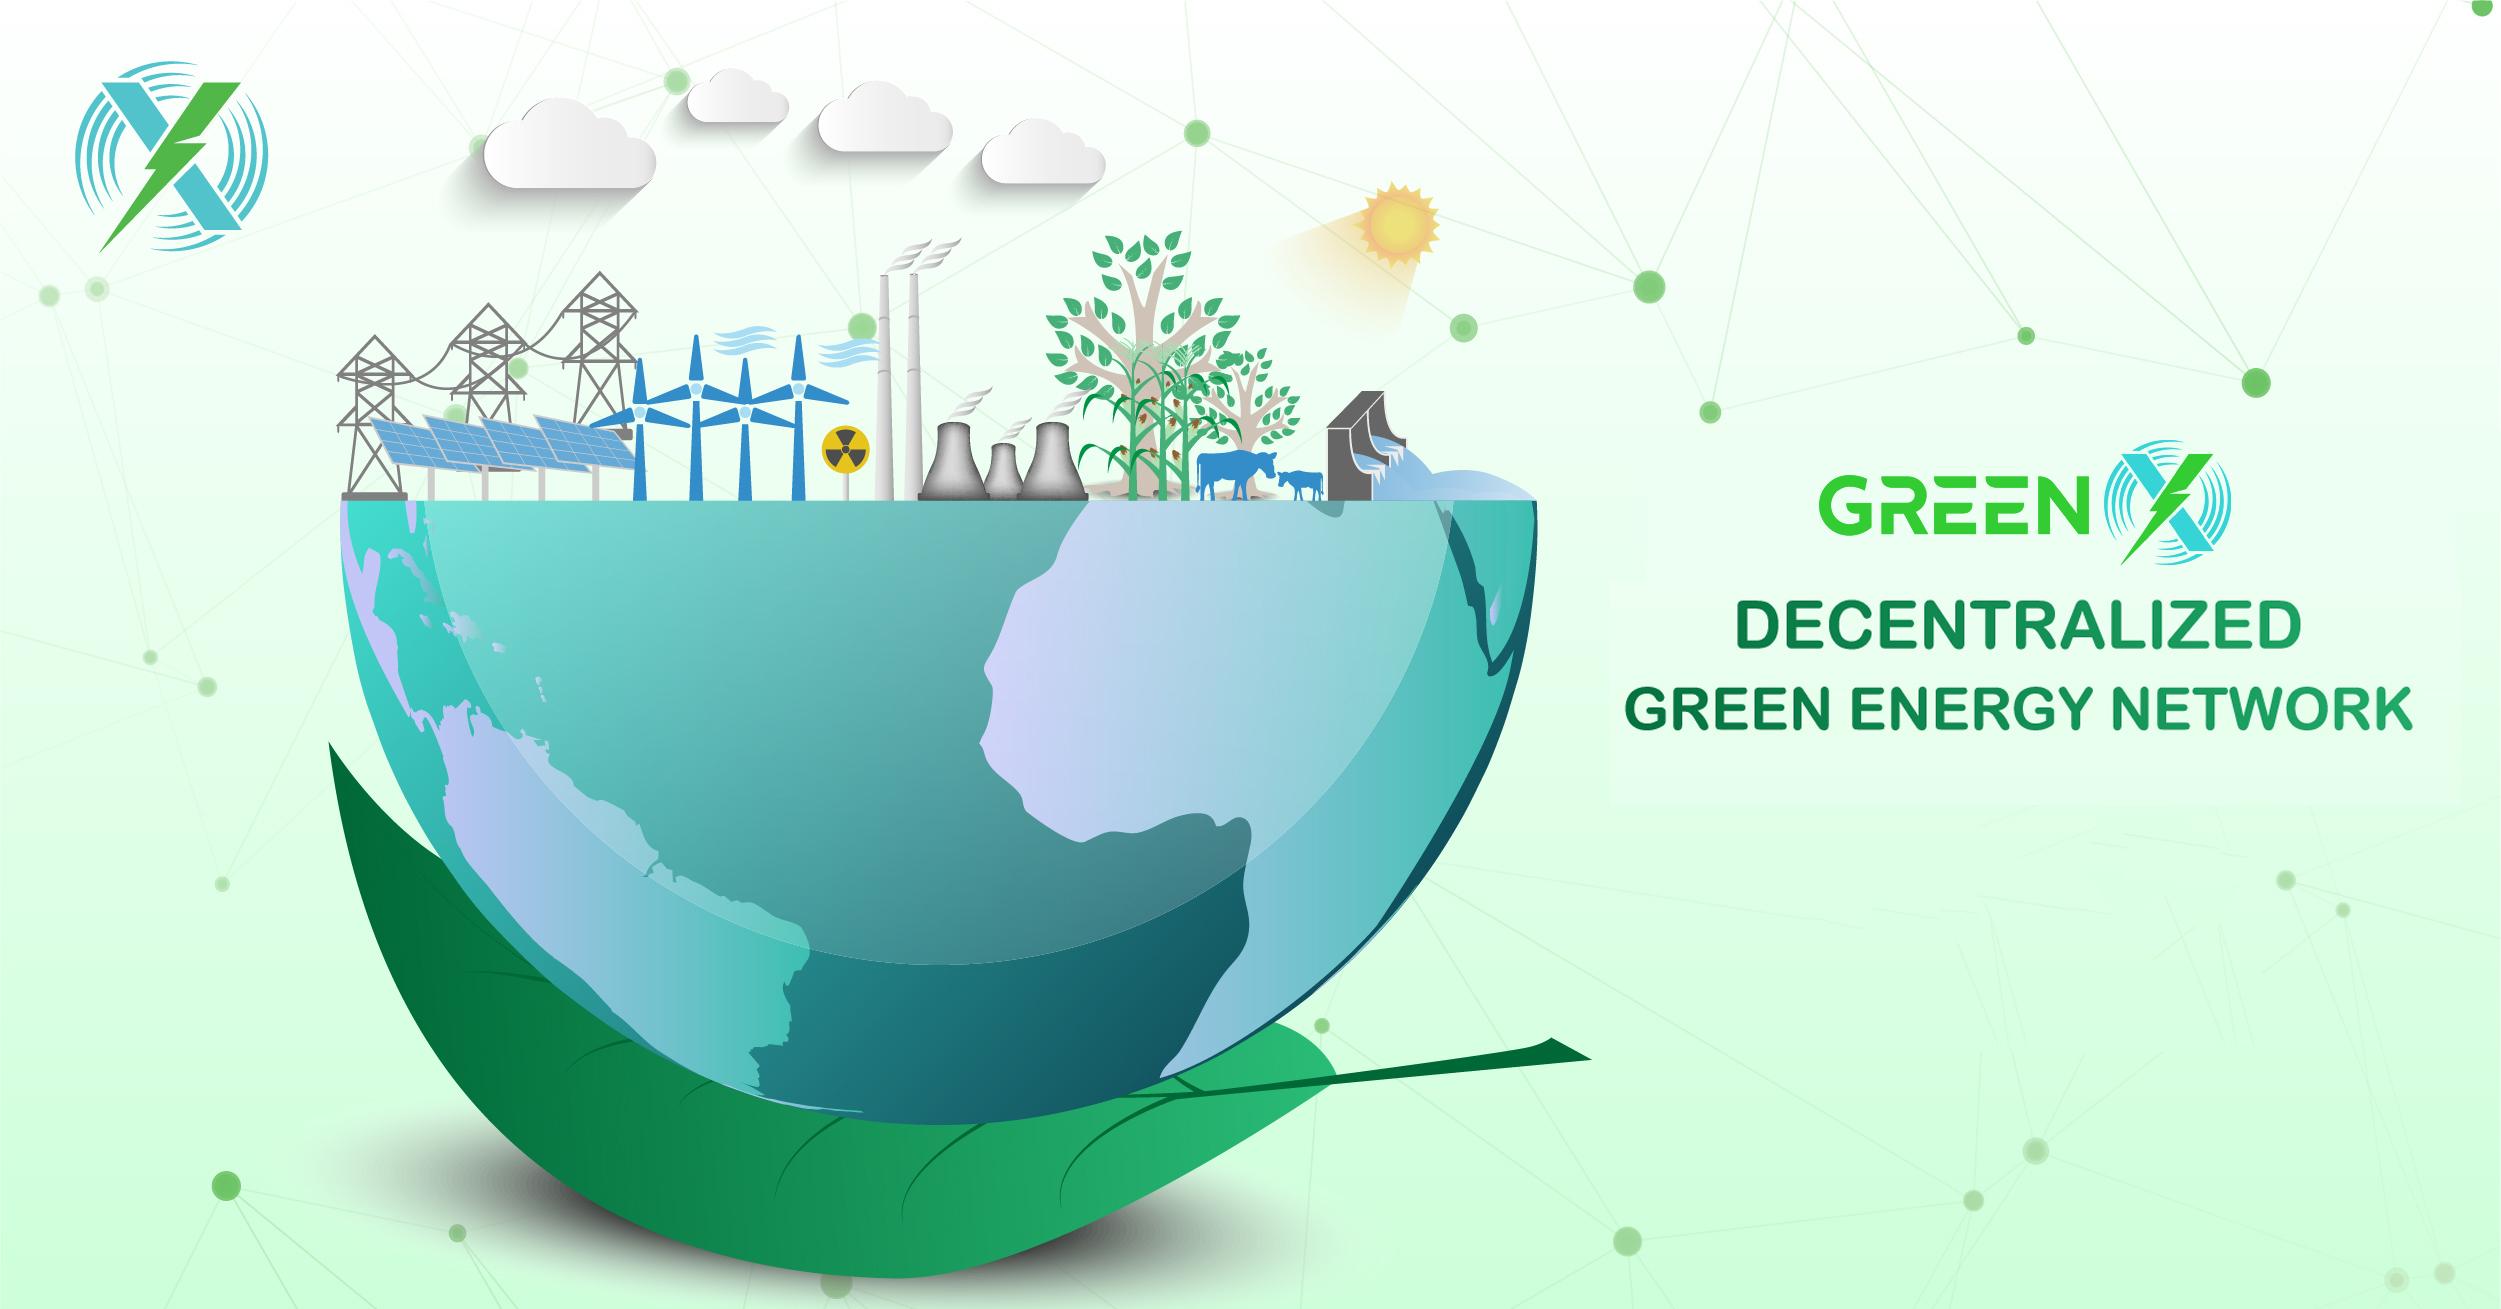 [QC] Bùng nổ đầu tư vào năng lượng tái tạo – GreenX mang đến nhiều chính sách ưu đãi cho nhà đầu tư